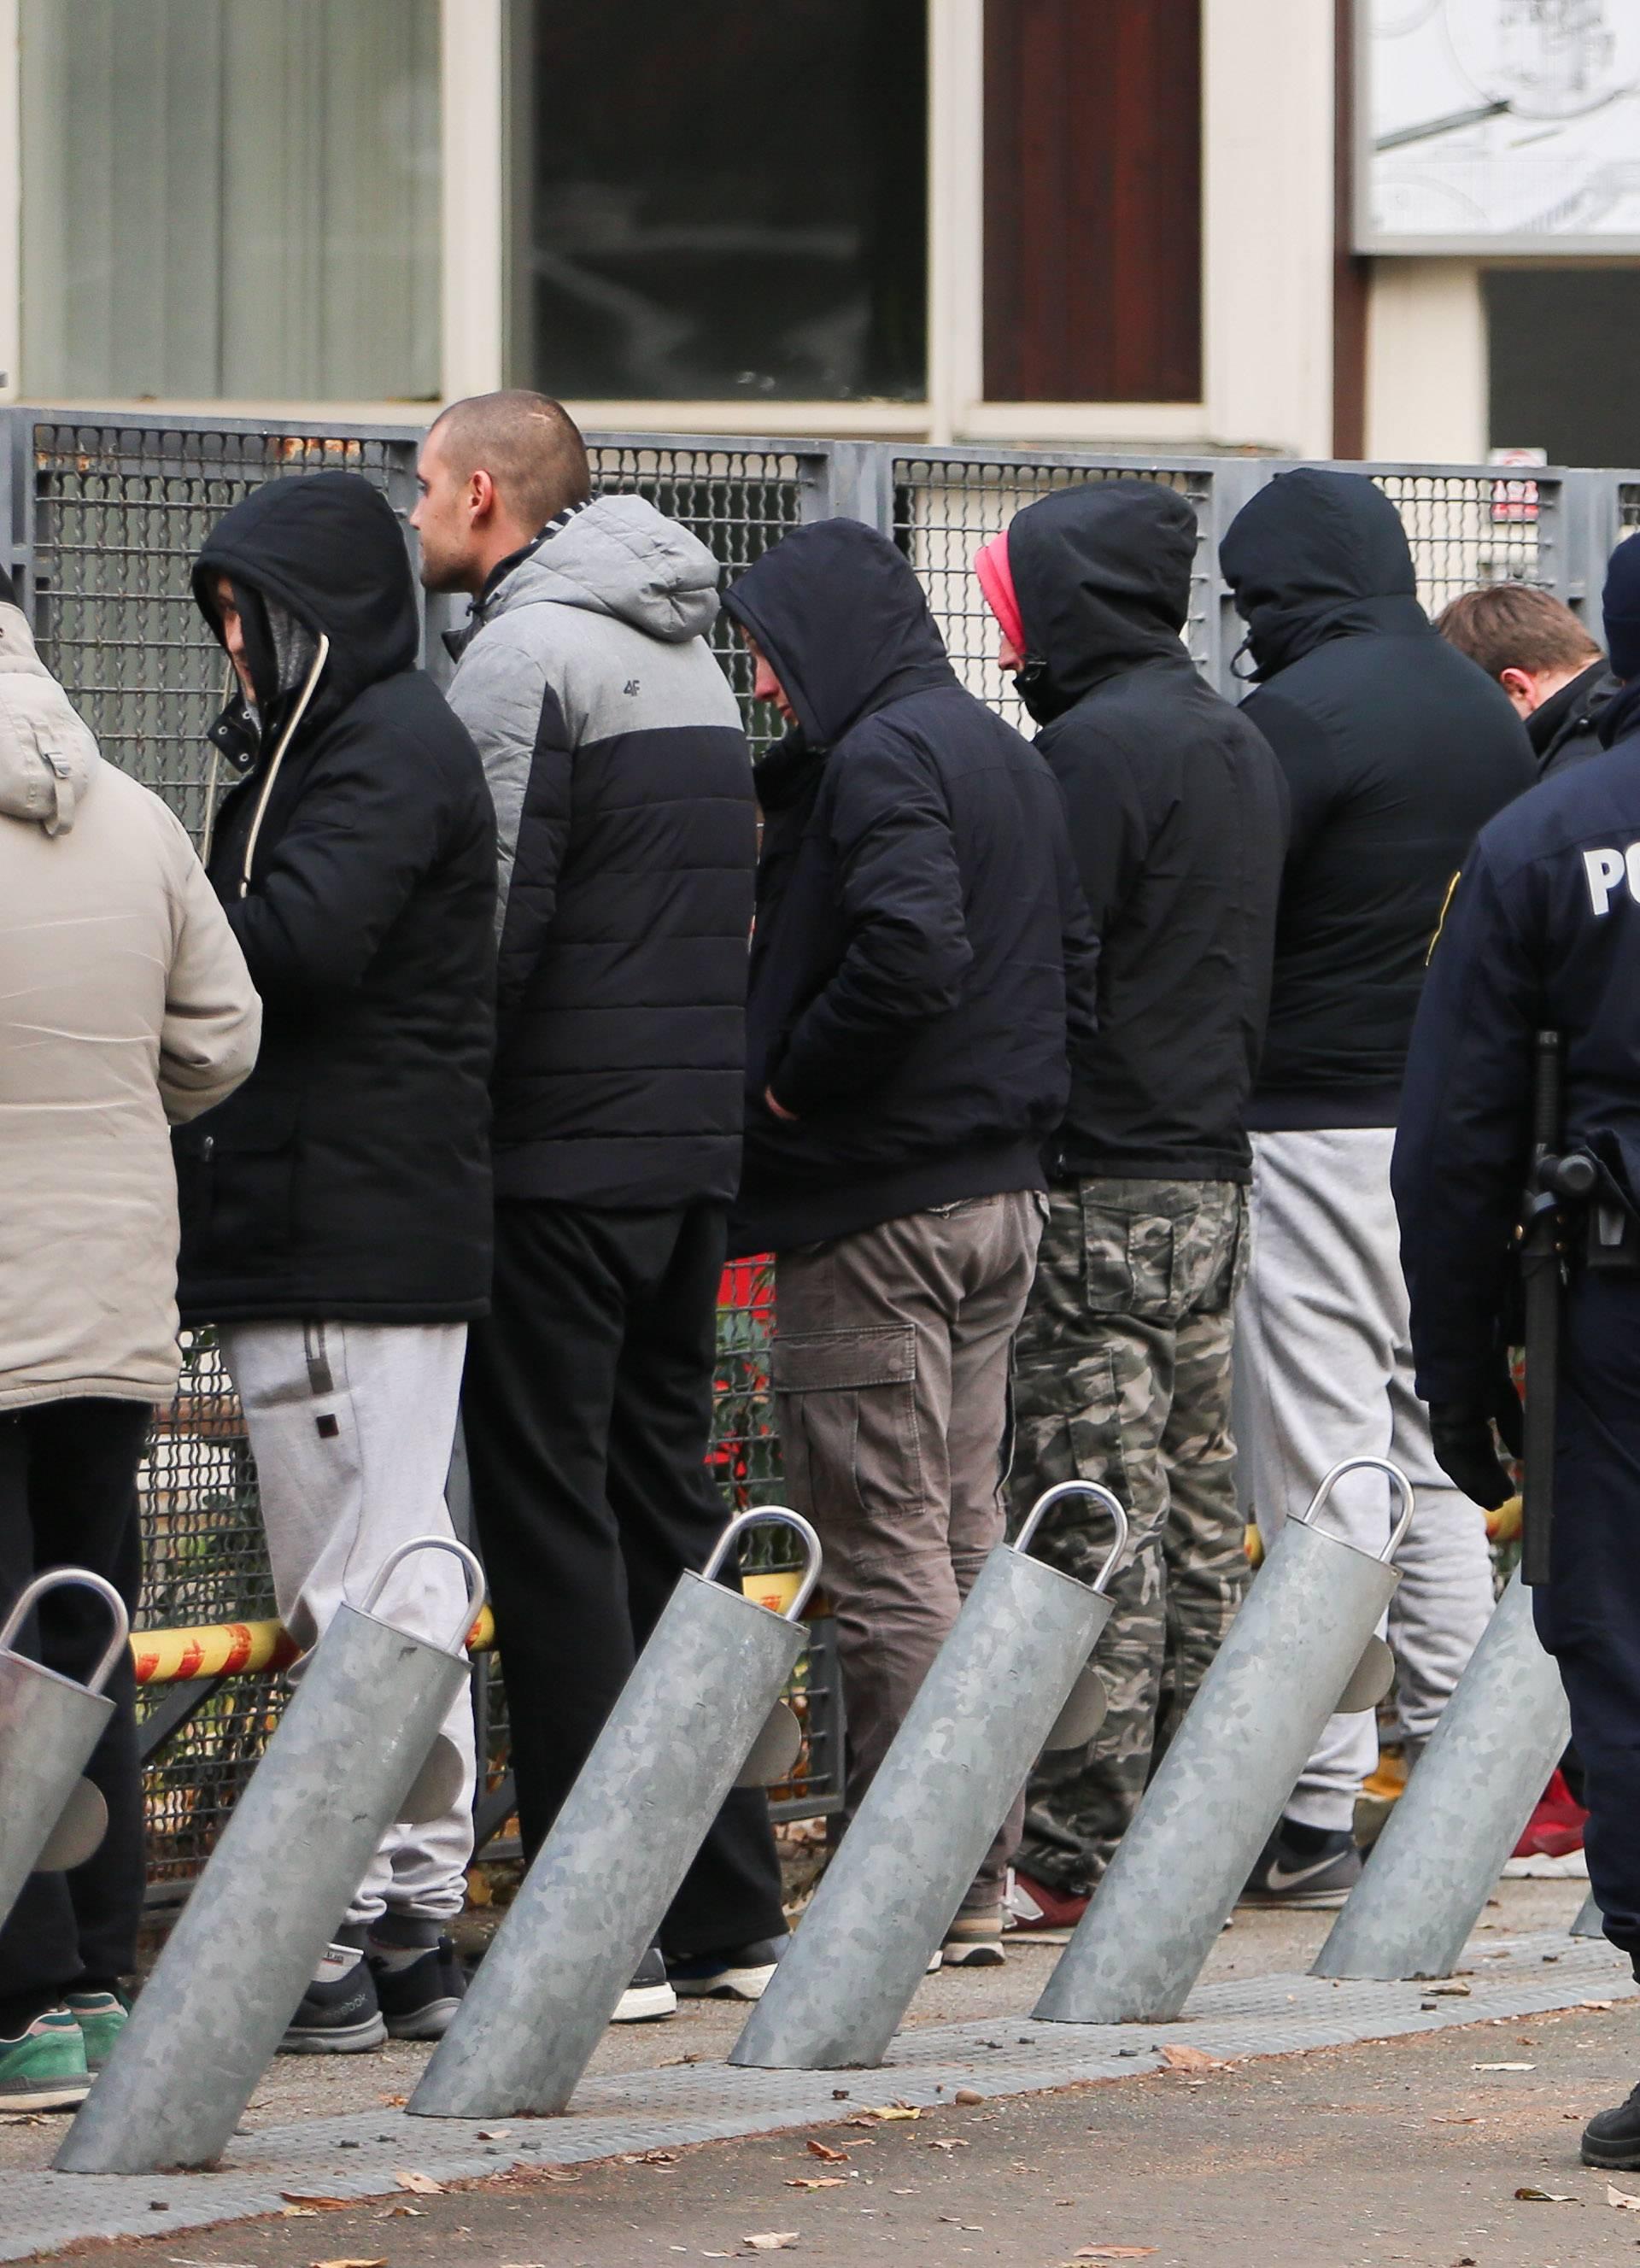 Policija presrela kombi: Izveli muškarce i postrojili ih na ulici